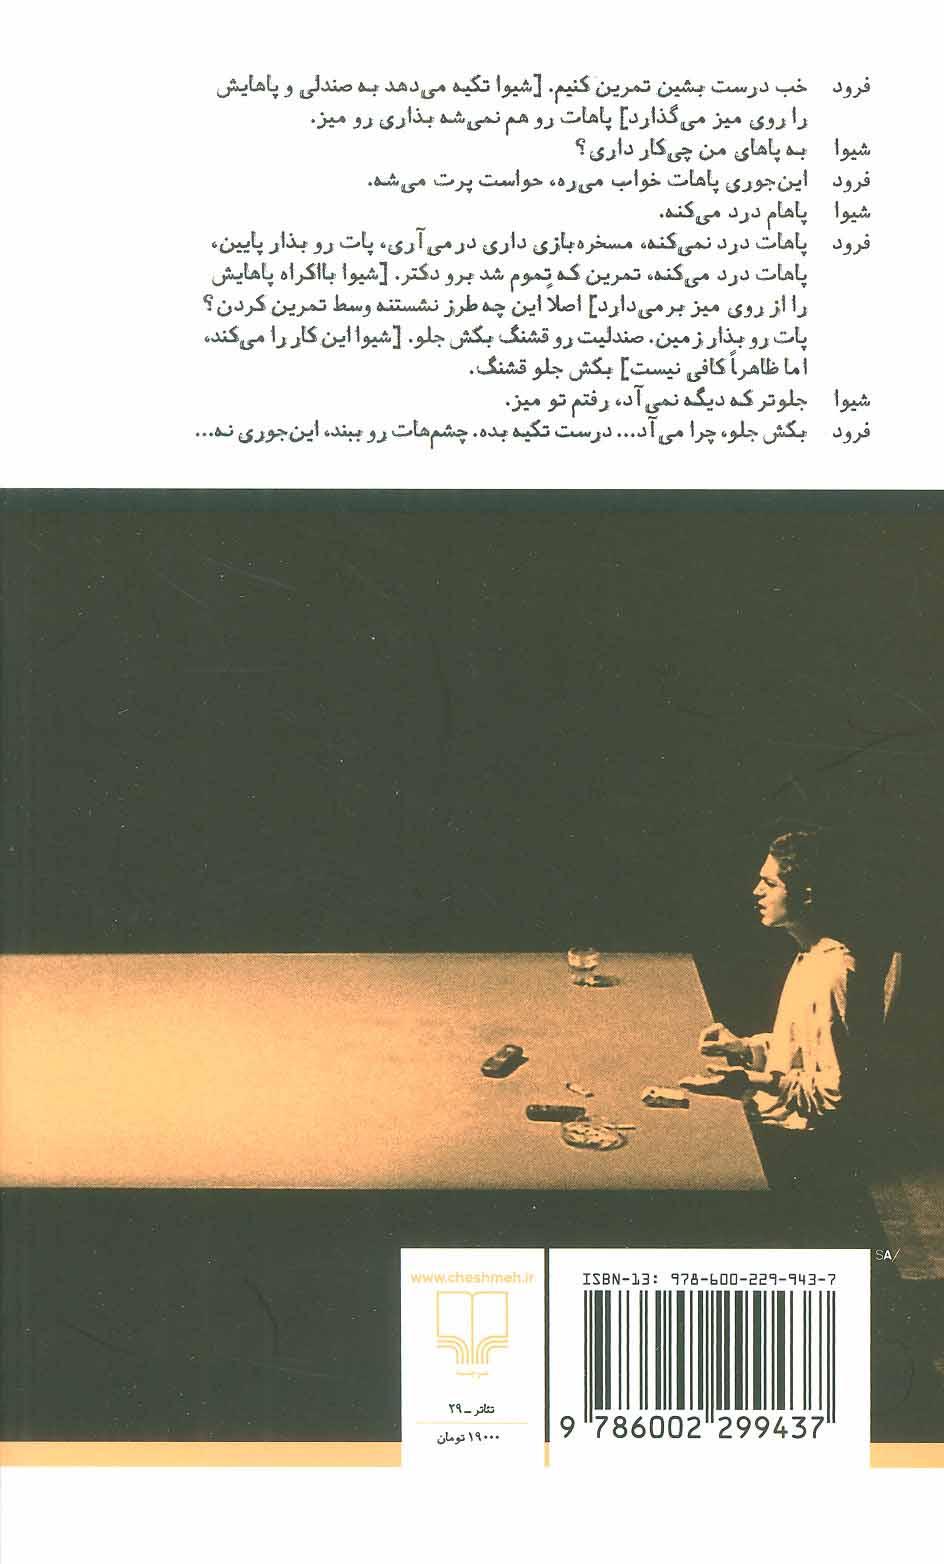 قصه های در گوشی و رقص روی لیوان ها (مجموعه نمایش نامه های امیررضا کوهستانی 1)